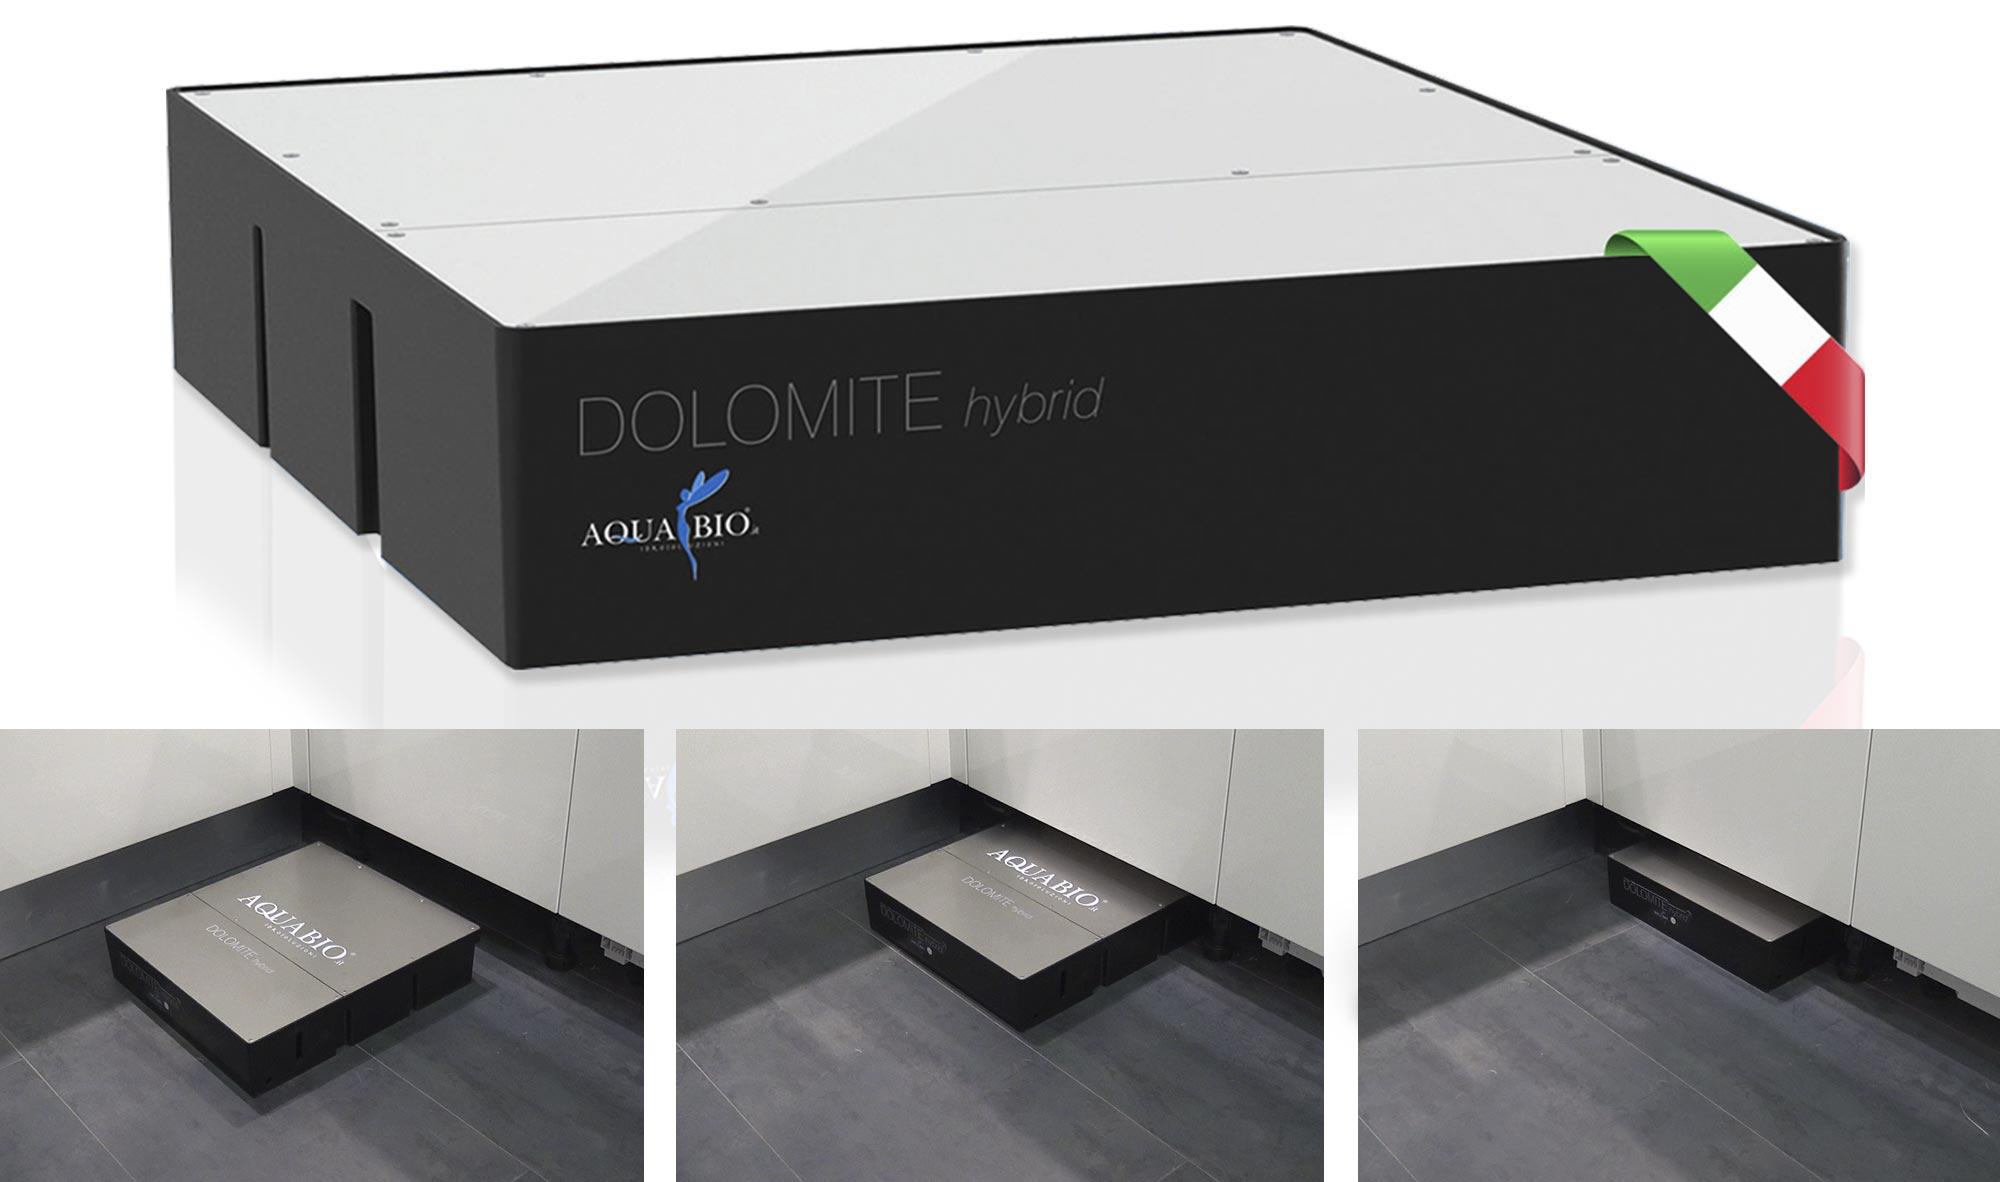 Dolomite Hybrid